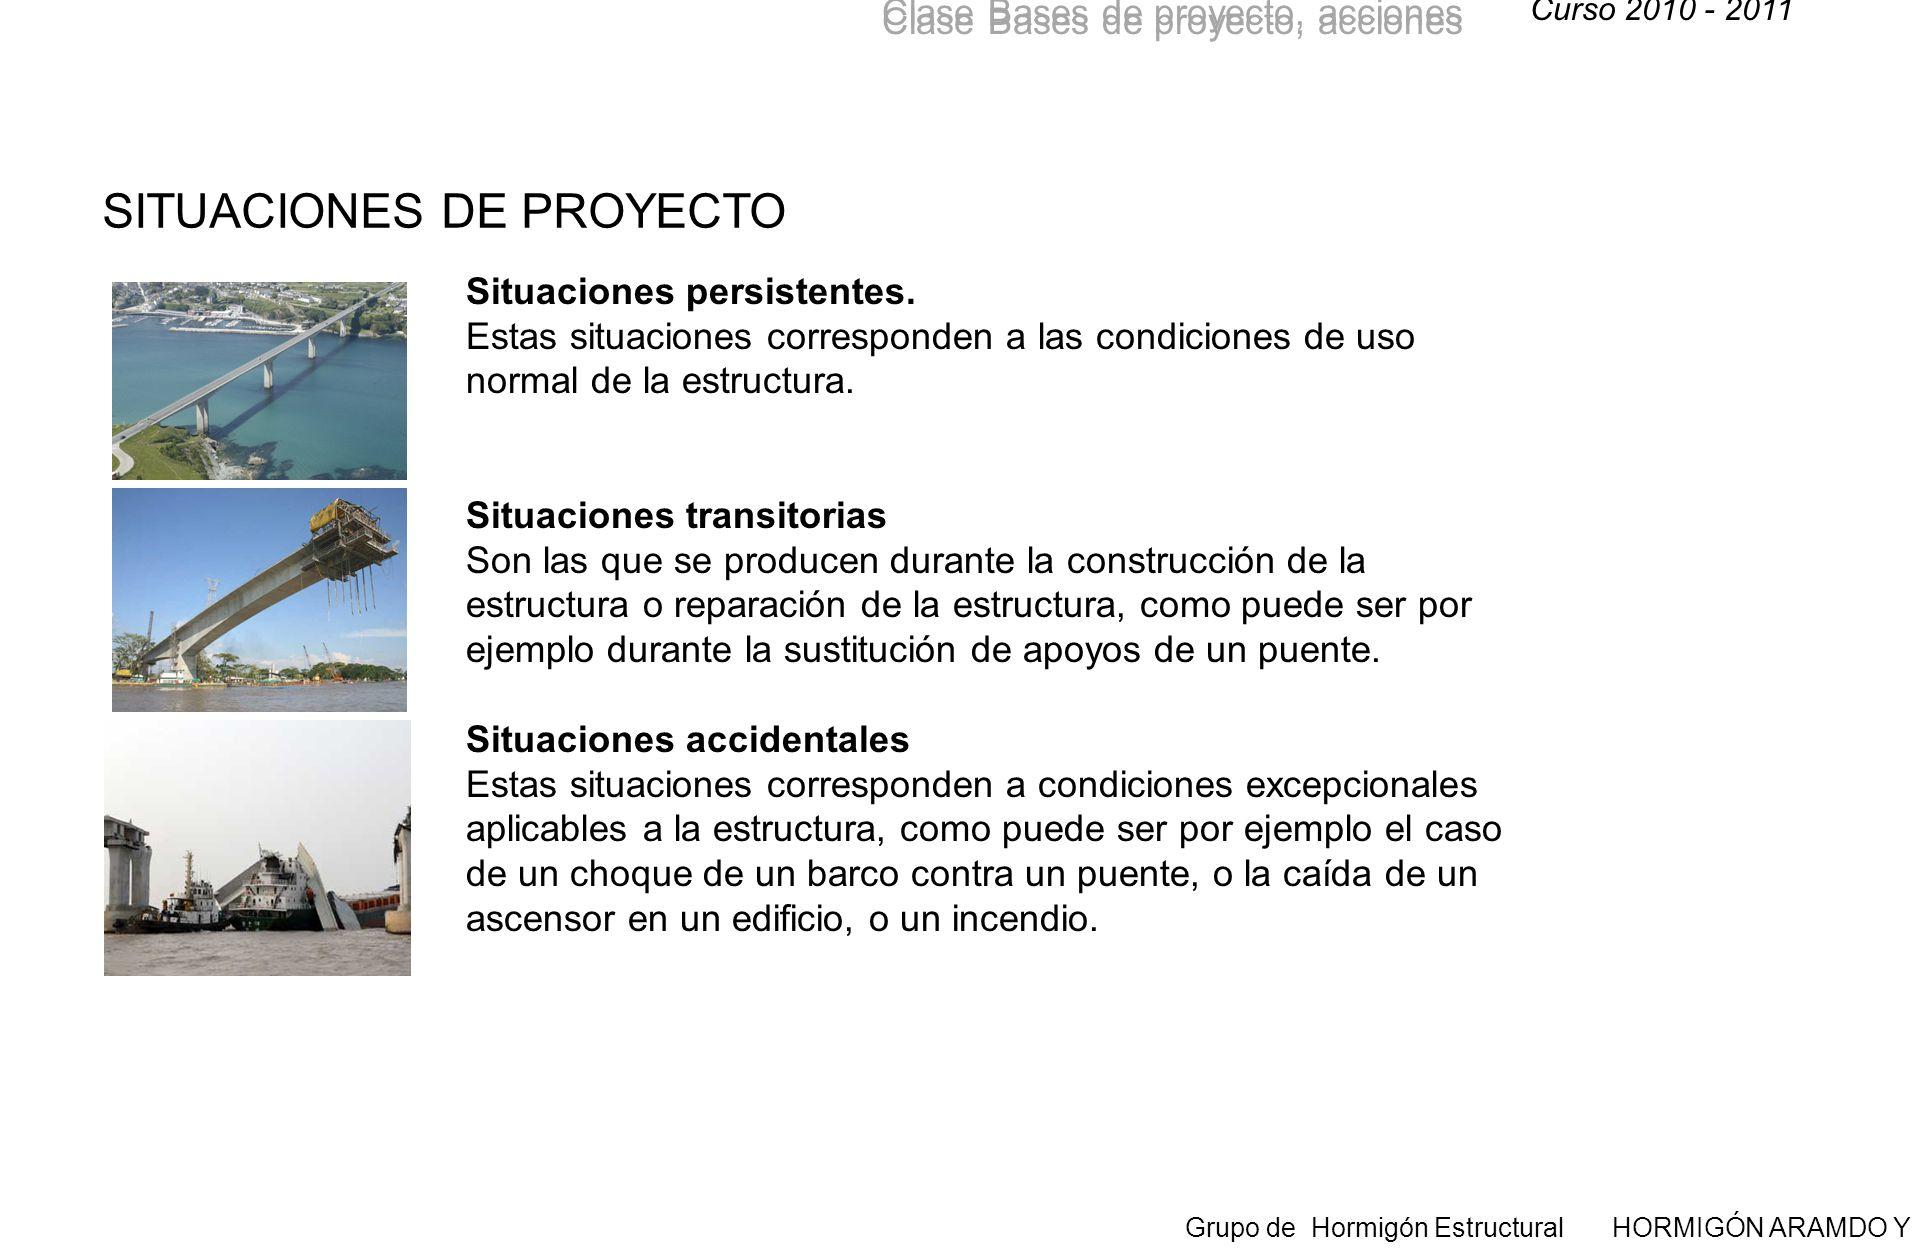 Curso 2010 - 2011 Grupo de Hormigón Estructural HORMIGÓN ARAMDO Y PRETENSADO II Clase Bases de proyecto, acciones 38 2.